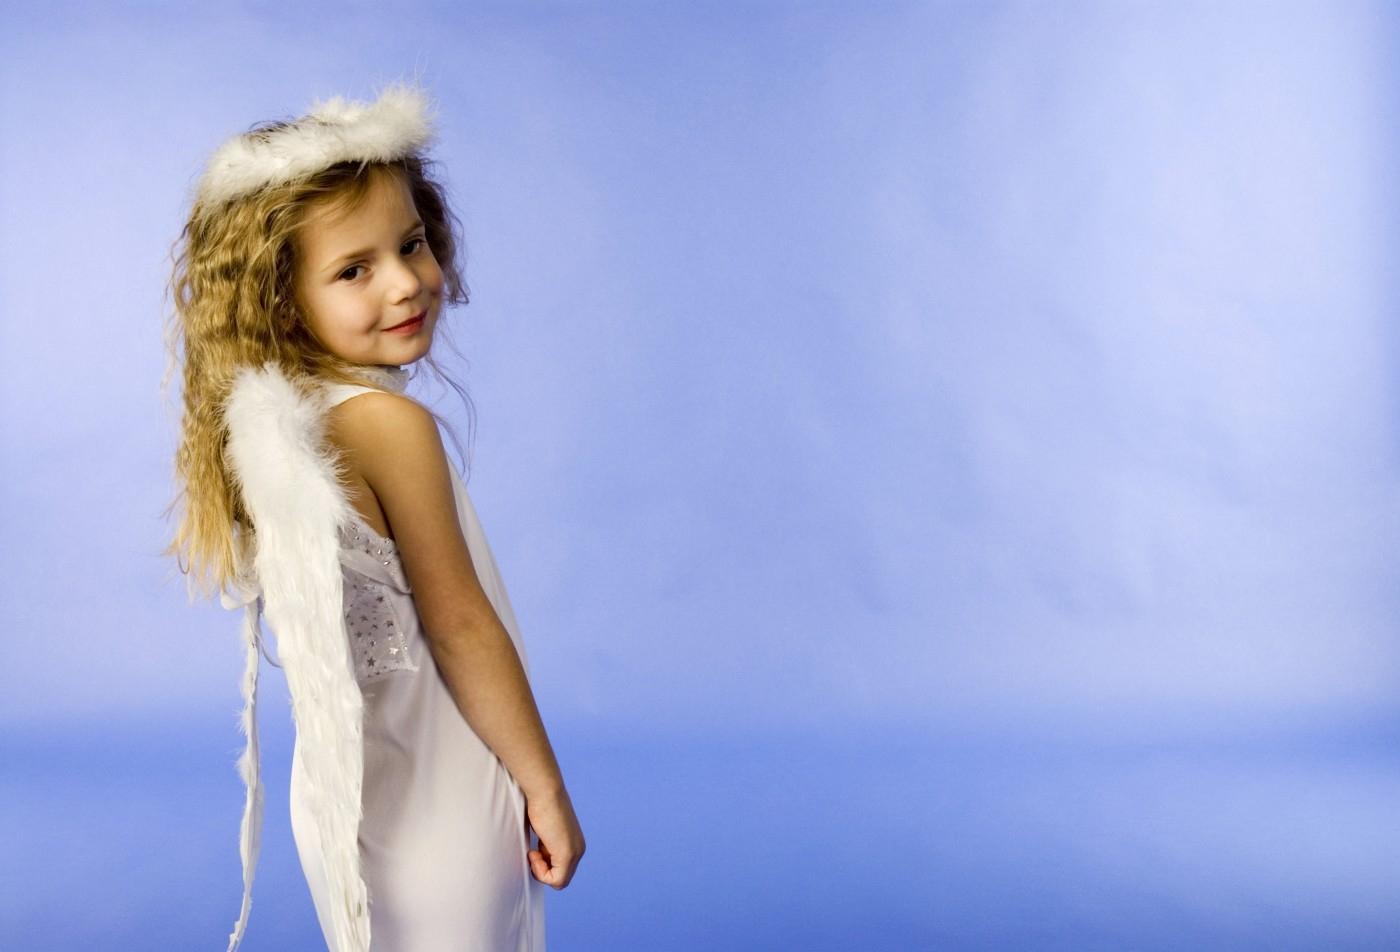 Hívd nevükön angyalaidat, érezni fogod közelségüket!